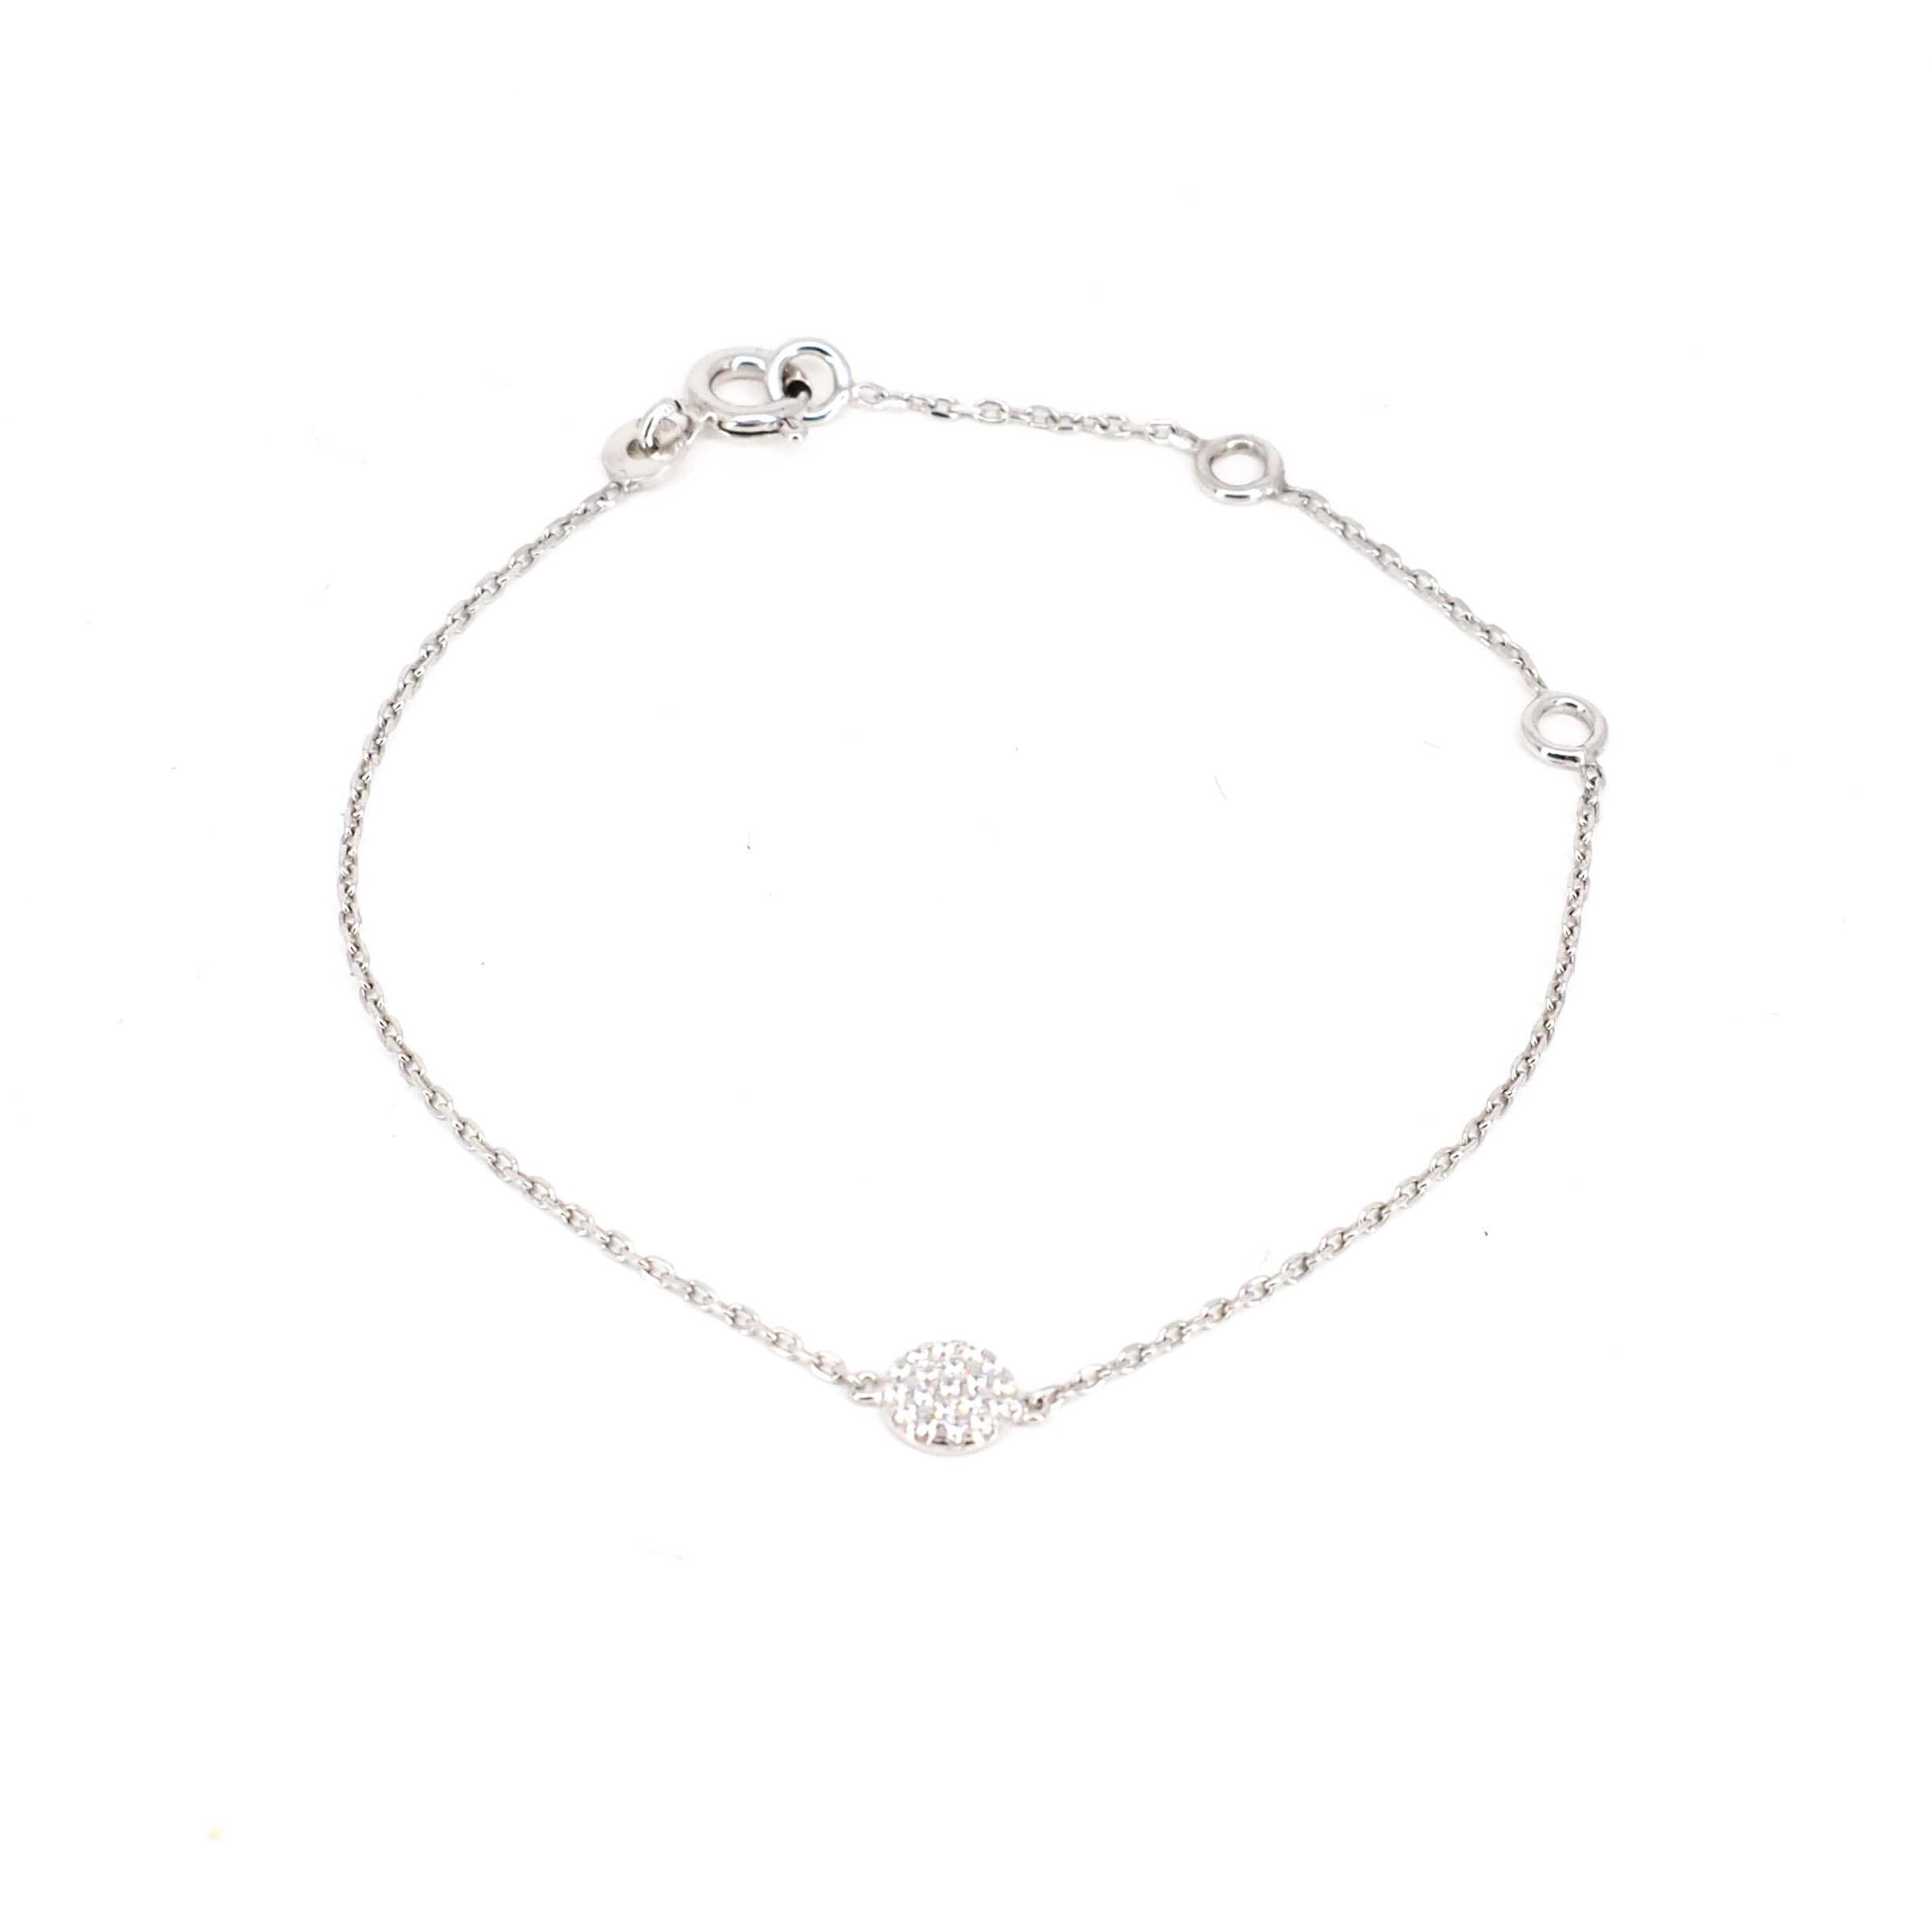 Bracelet shiny blanc - Les créations de Lili